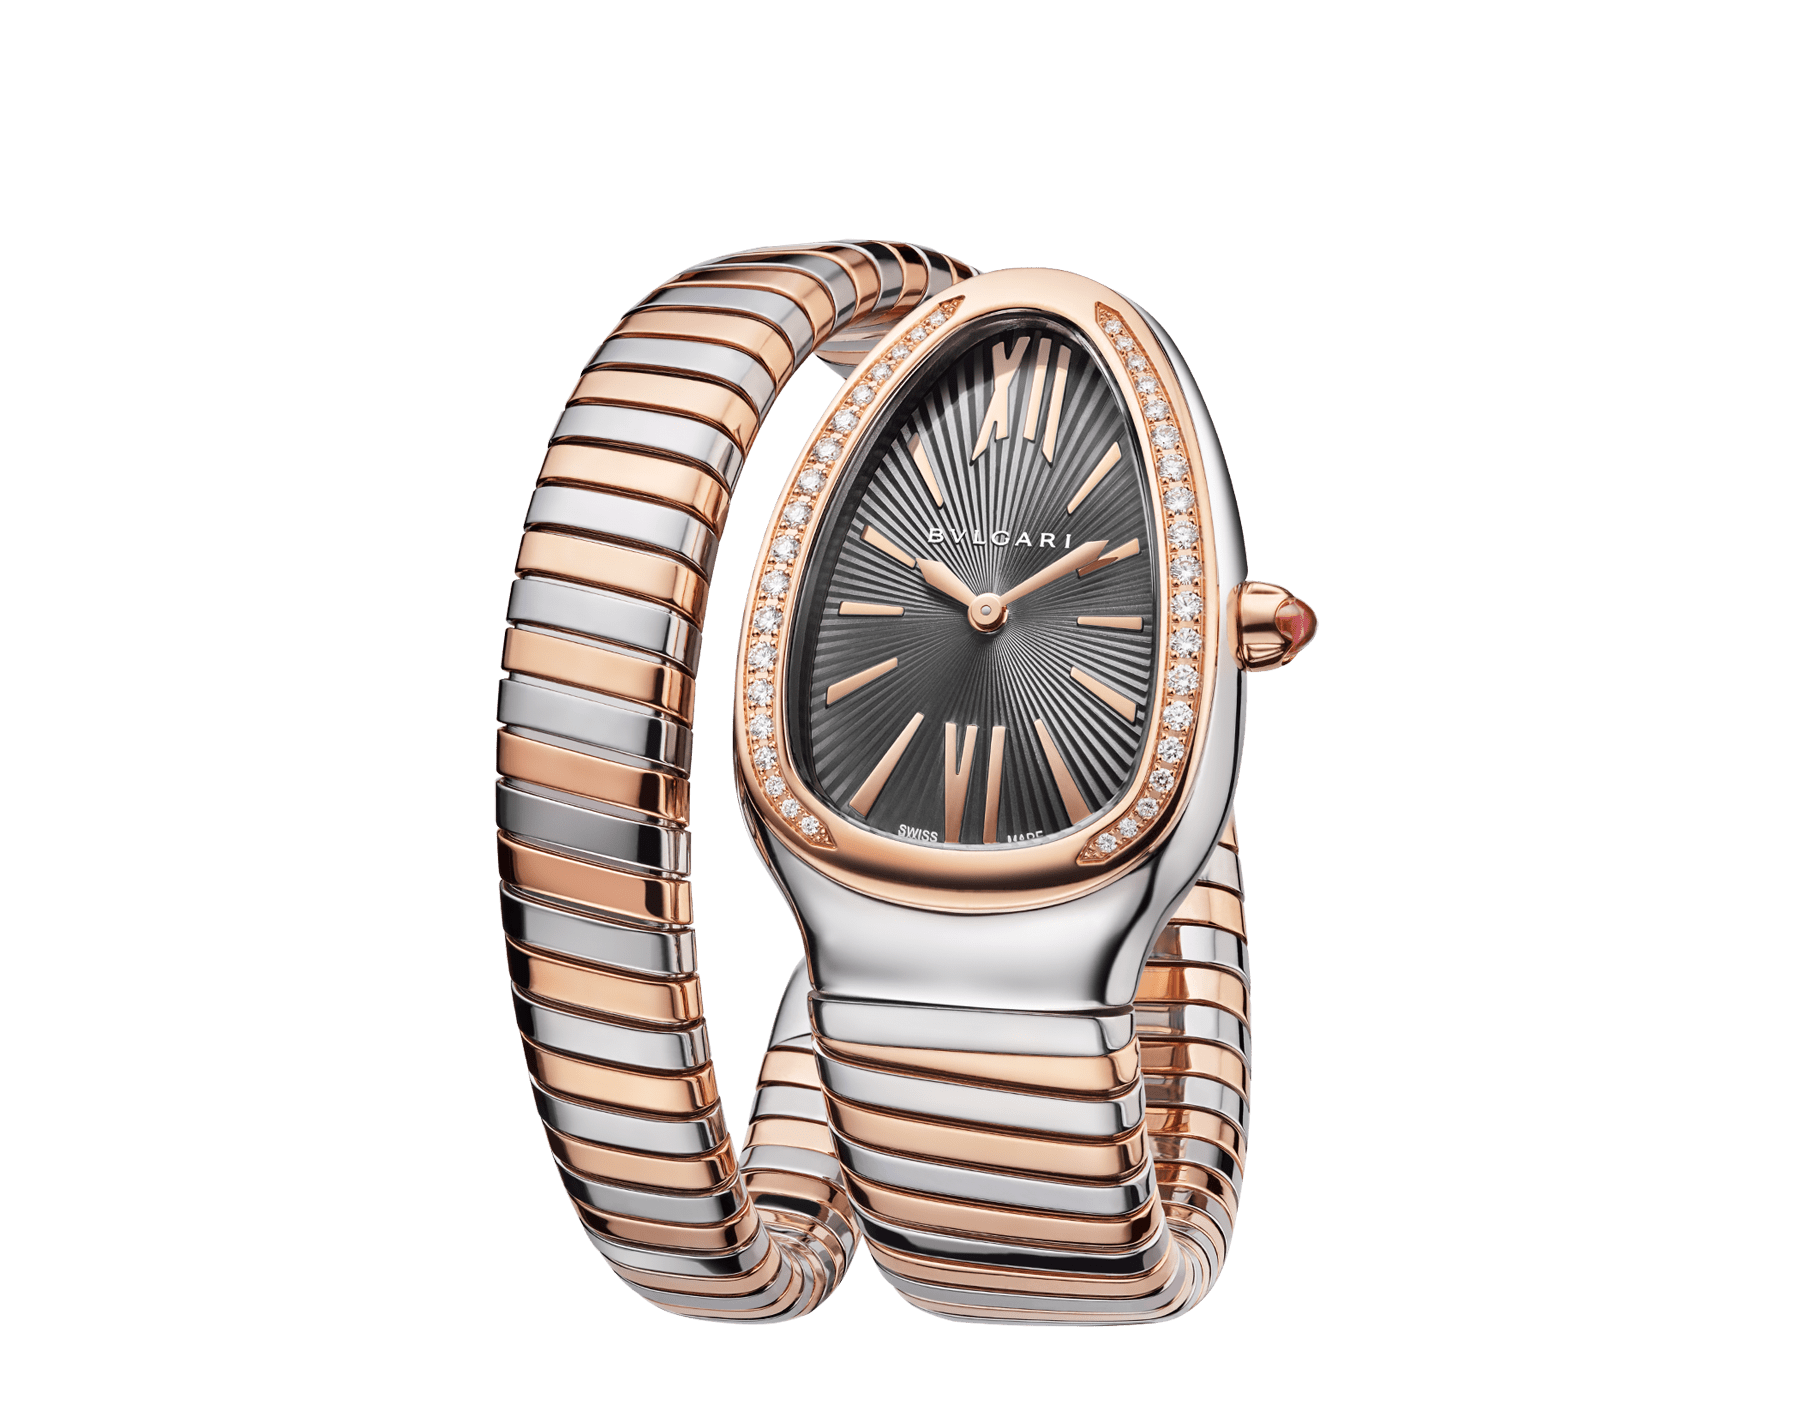 Orologio Serpenti Tubogas con cassa in acciaio inossidabile, lunetta in oro rosa 18 kt con diamanti taglio brillante, quadrante laccato grigio, bracciale a spirale in oro rosa 18 kt e acciaio inossidabile. 102681 image 2